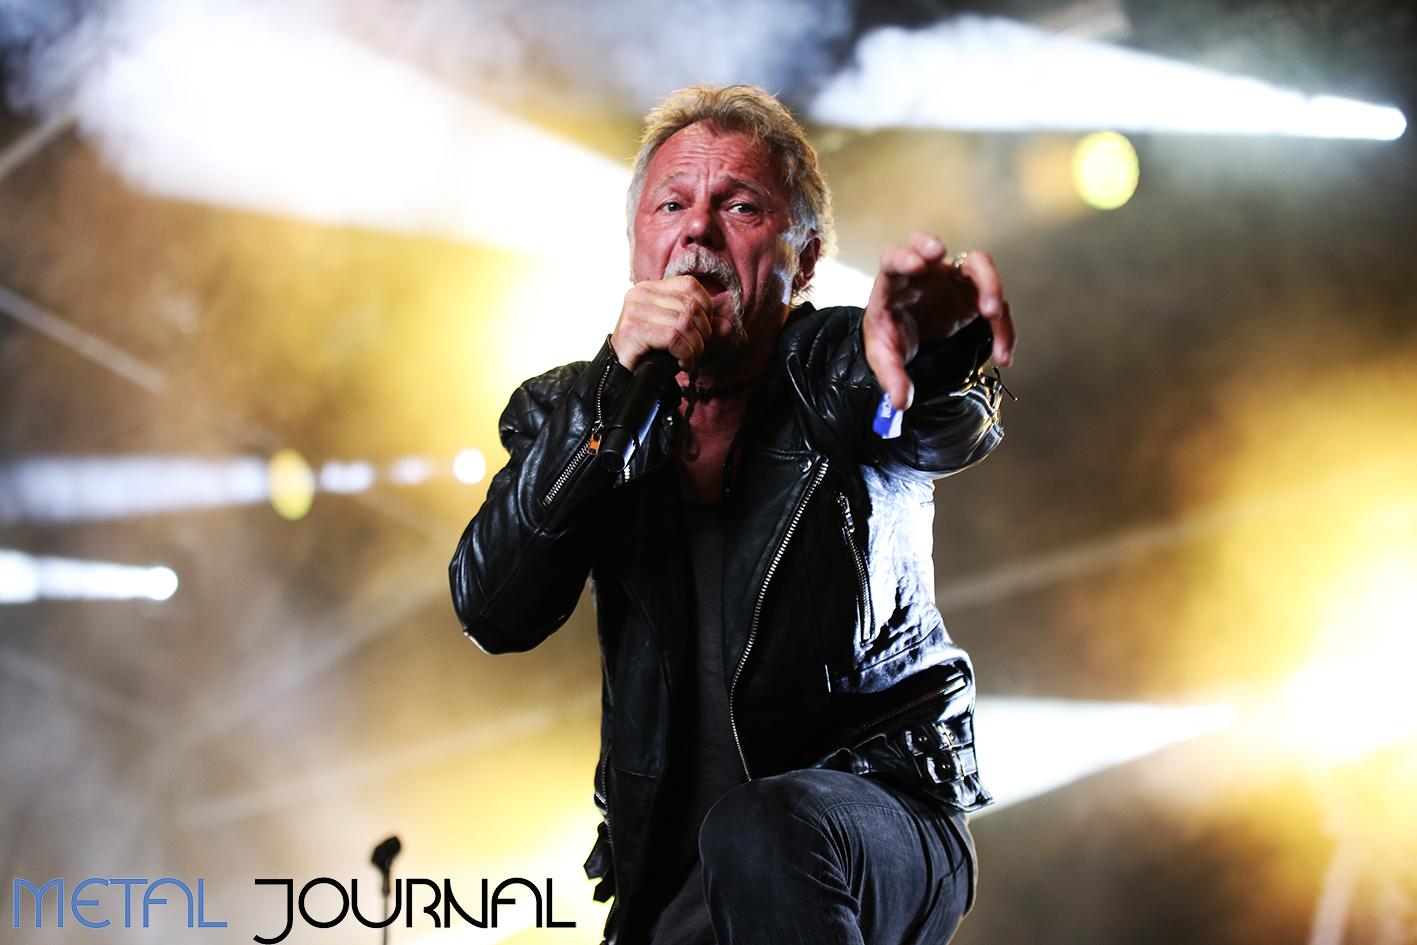 candlemass - metal journal rock fest barcelona 2019 pic 1